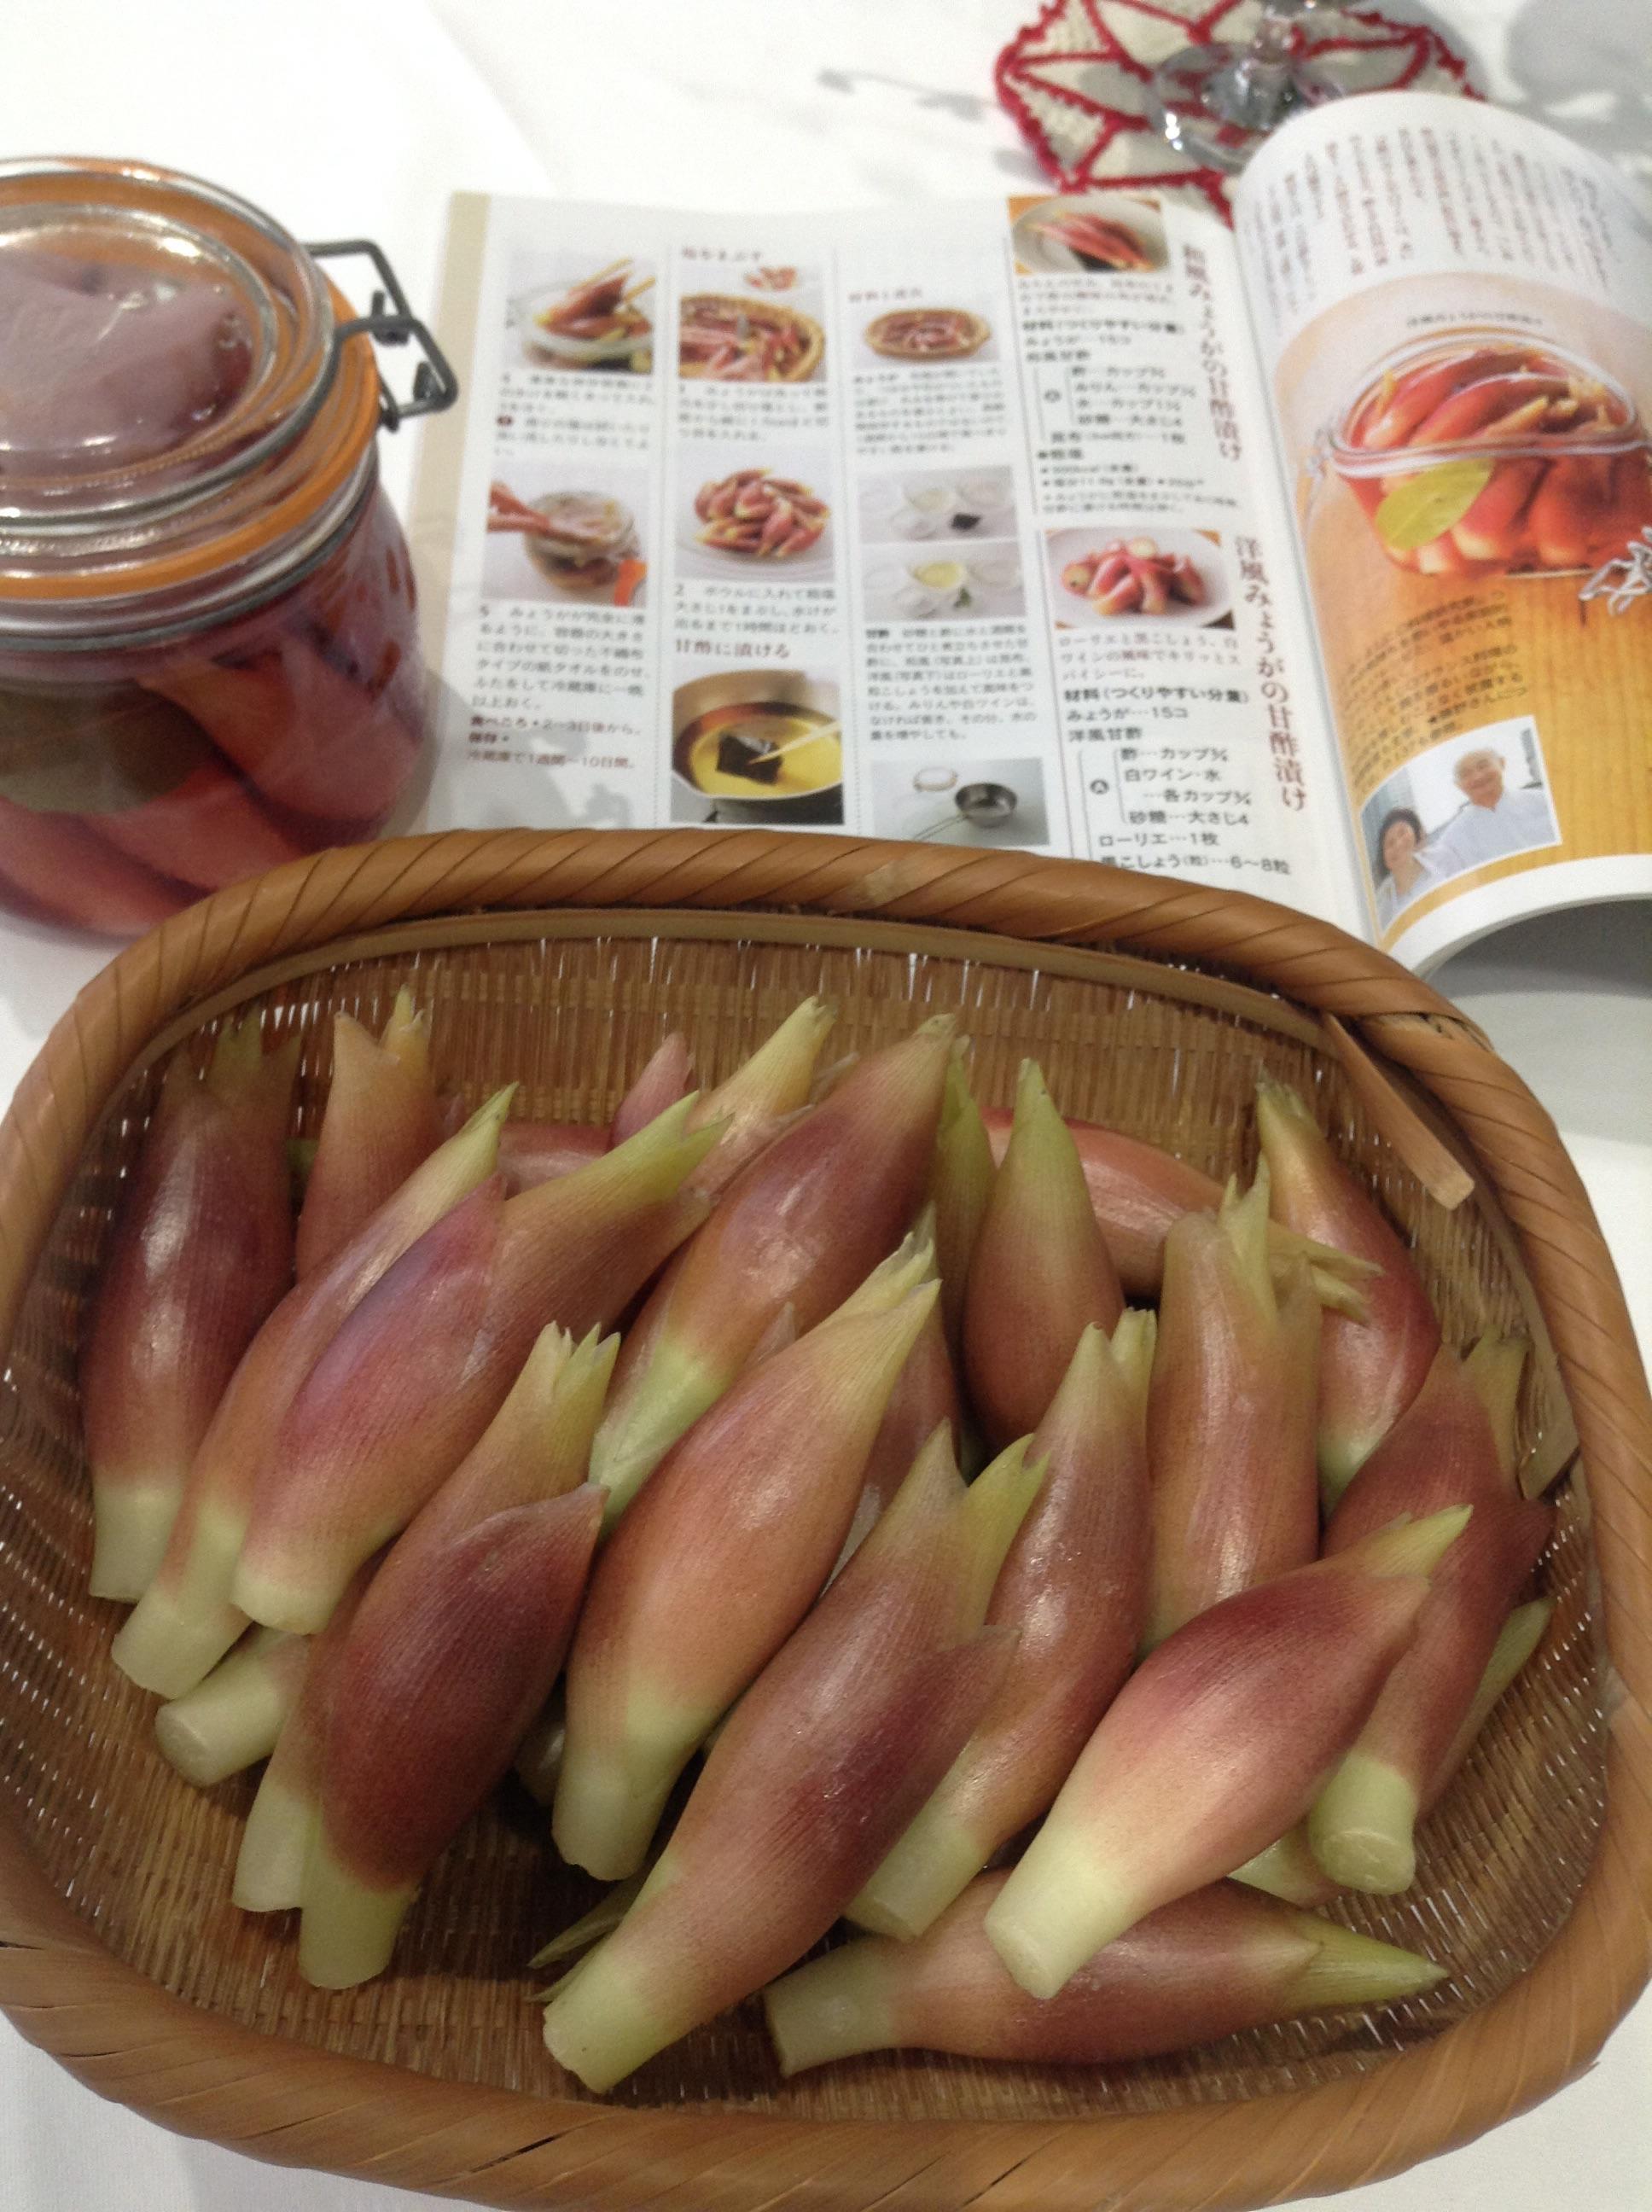 ミョウガの甘酢漬けを作ろう!